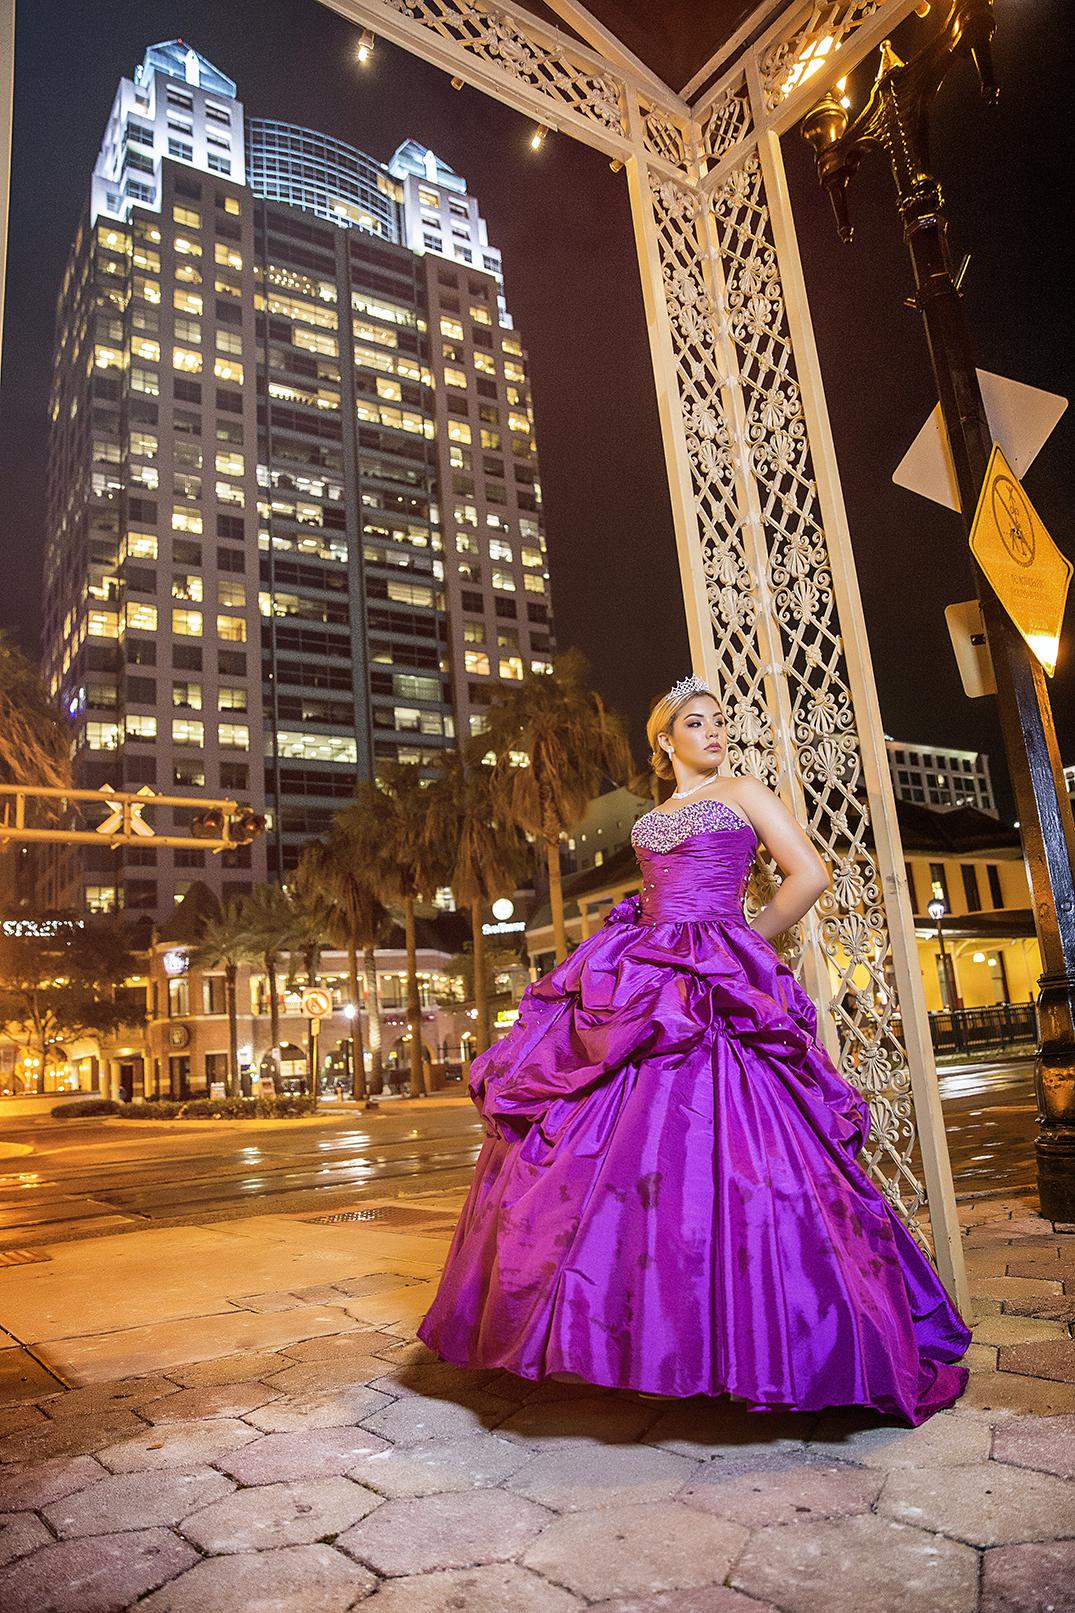 Fotografos_de_Quinceañeras_Downtown_Orlando_Quinceañeras_Church_Street_Orlando_Quinceañeras_Pictures